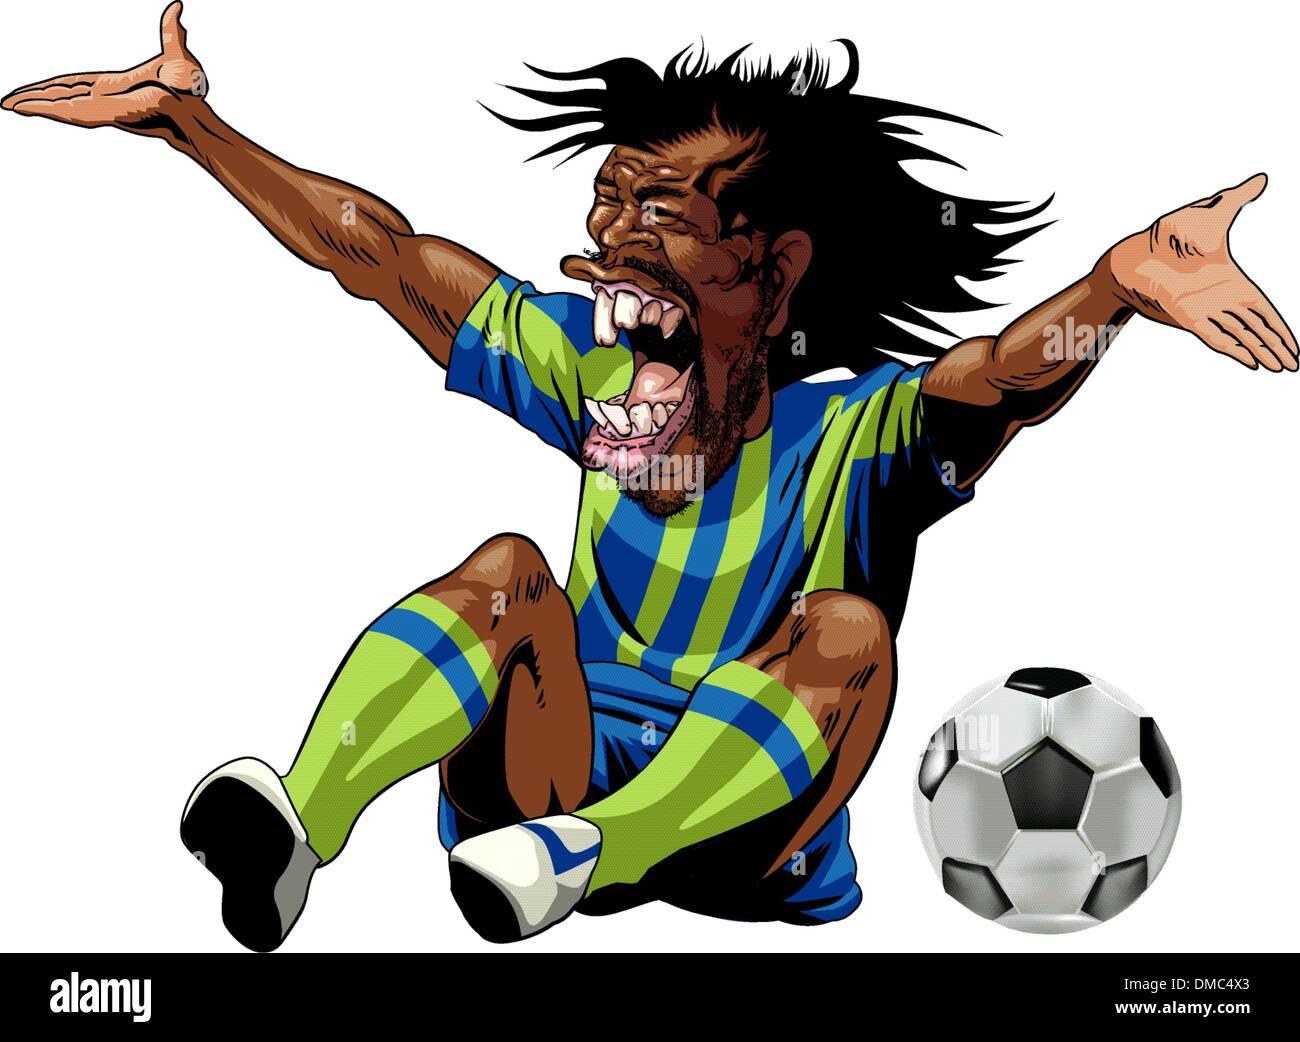 Wütend Fußballspieler nach Foul Stockbild